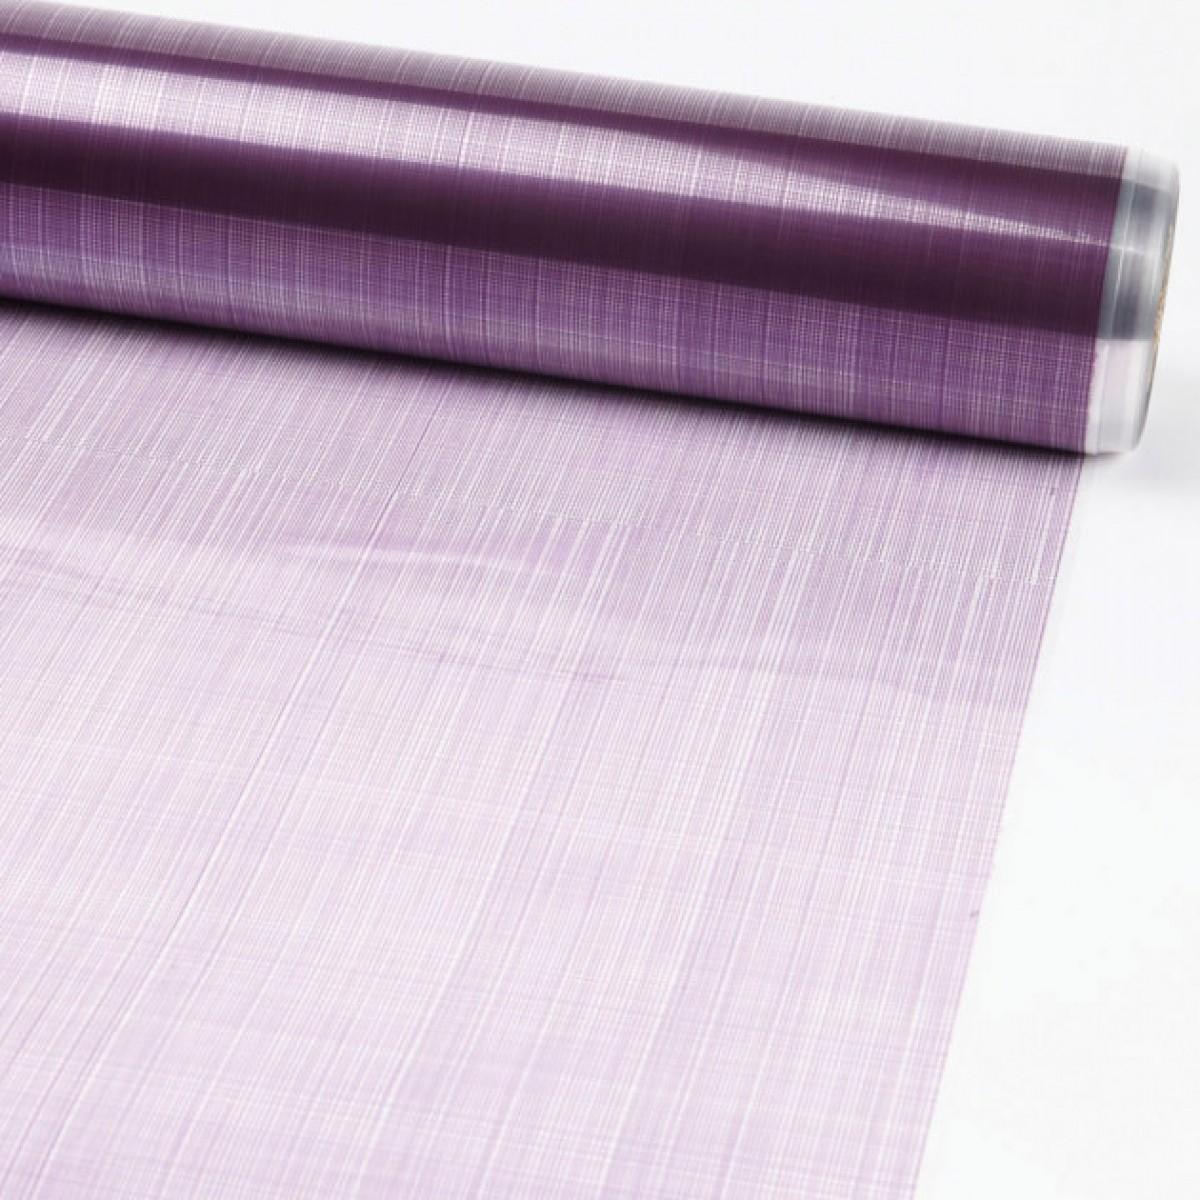 Hessian Purple 80cmx25m 50mic Film - 1 Roll